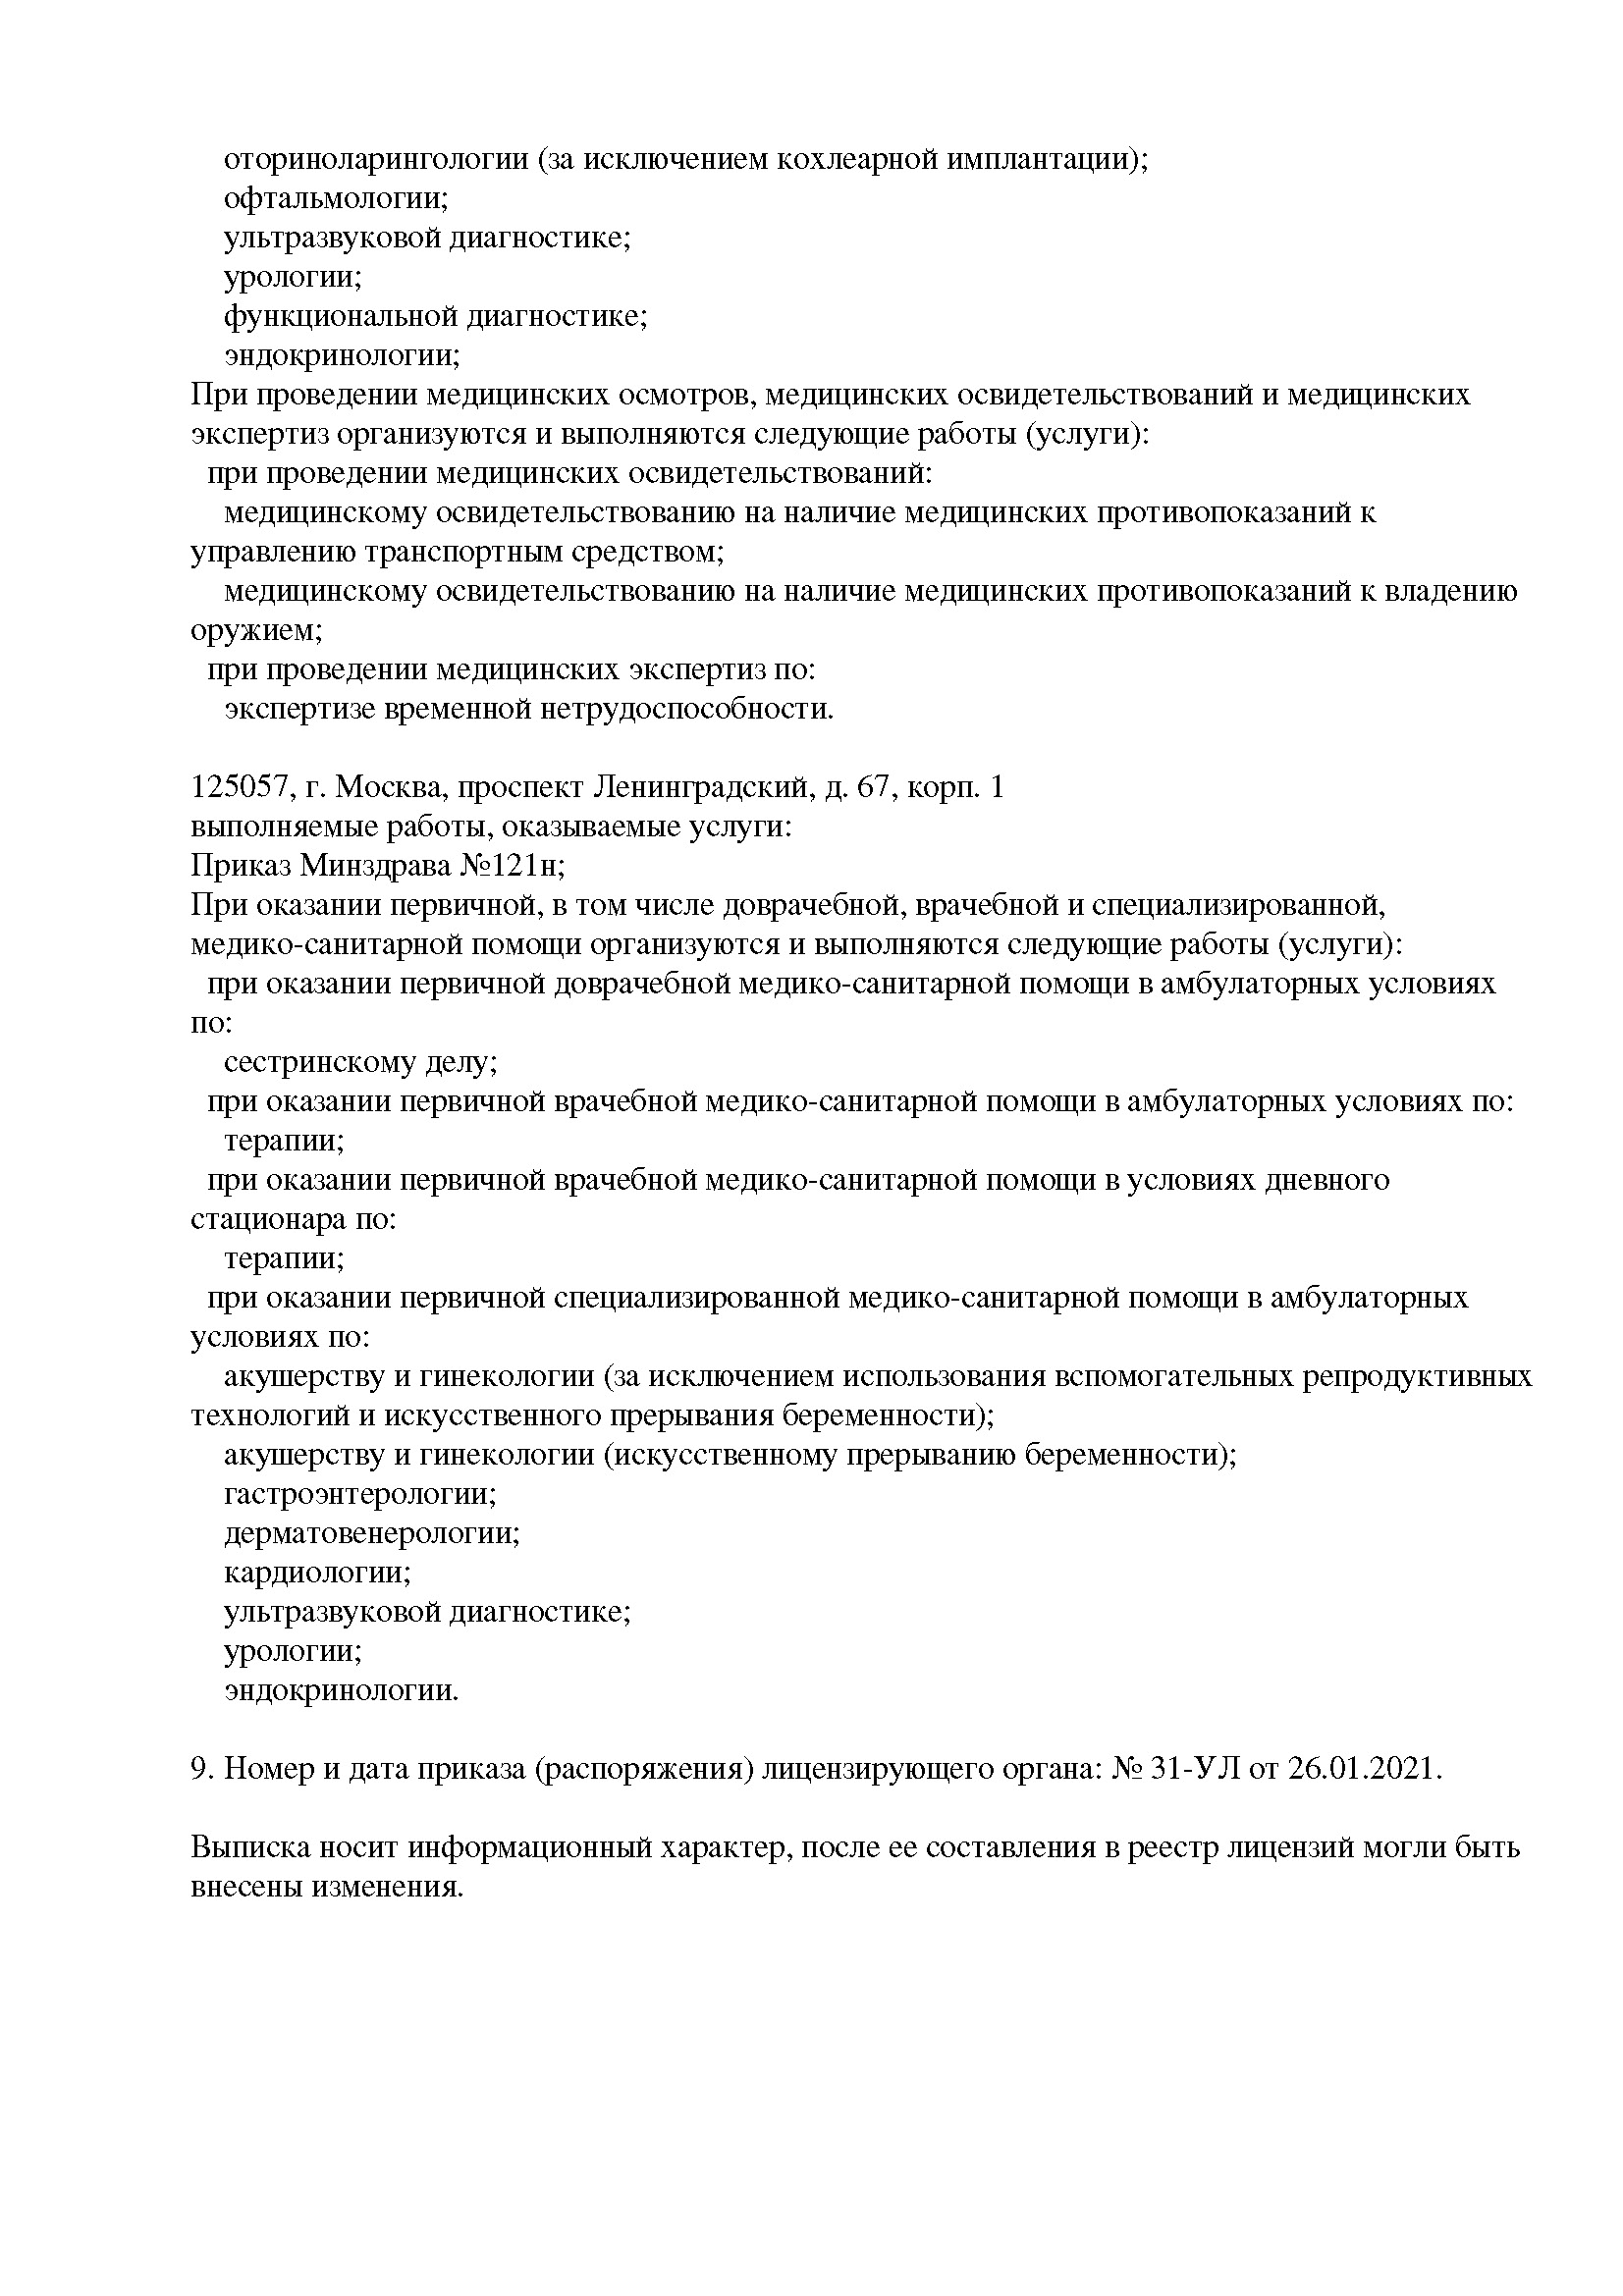 Выписка из реестра ООО Медцентр «Дина-К Плюс» - страница 3